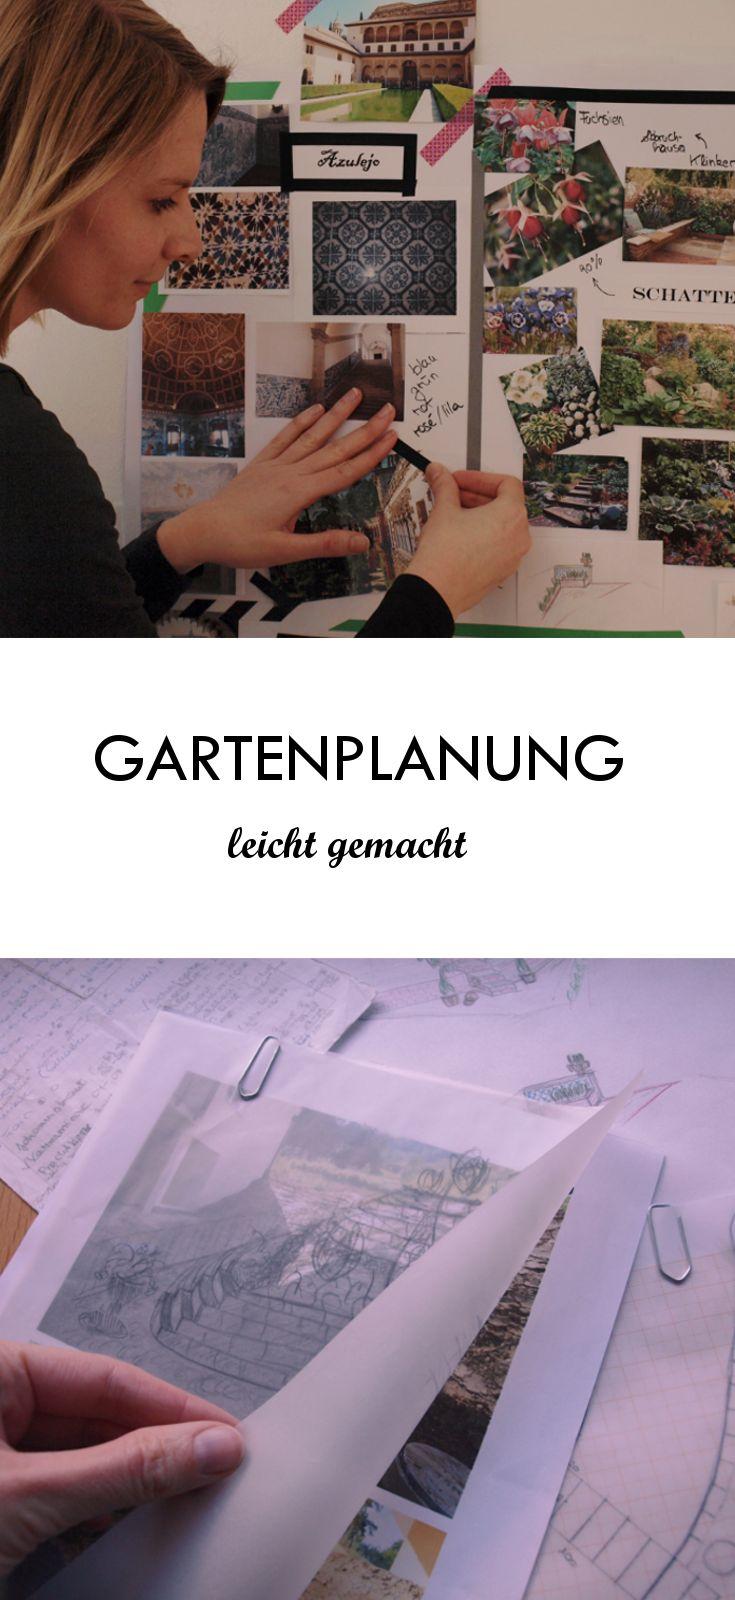 Ich zeige euch, wo ich Ideen für Gartengestaltungen nehme, wie ich sie gruppiere, und visualisiere, bevor es ans Umsetzen geht!  #gartenplanung #gartengestaltung